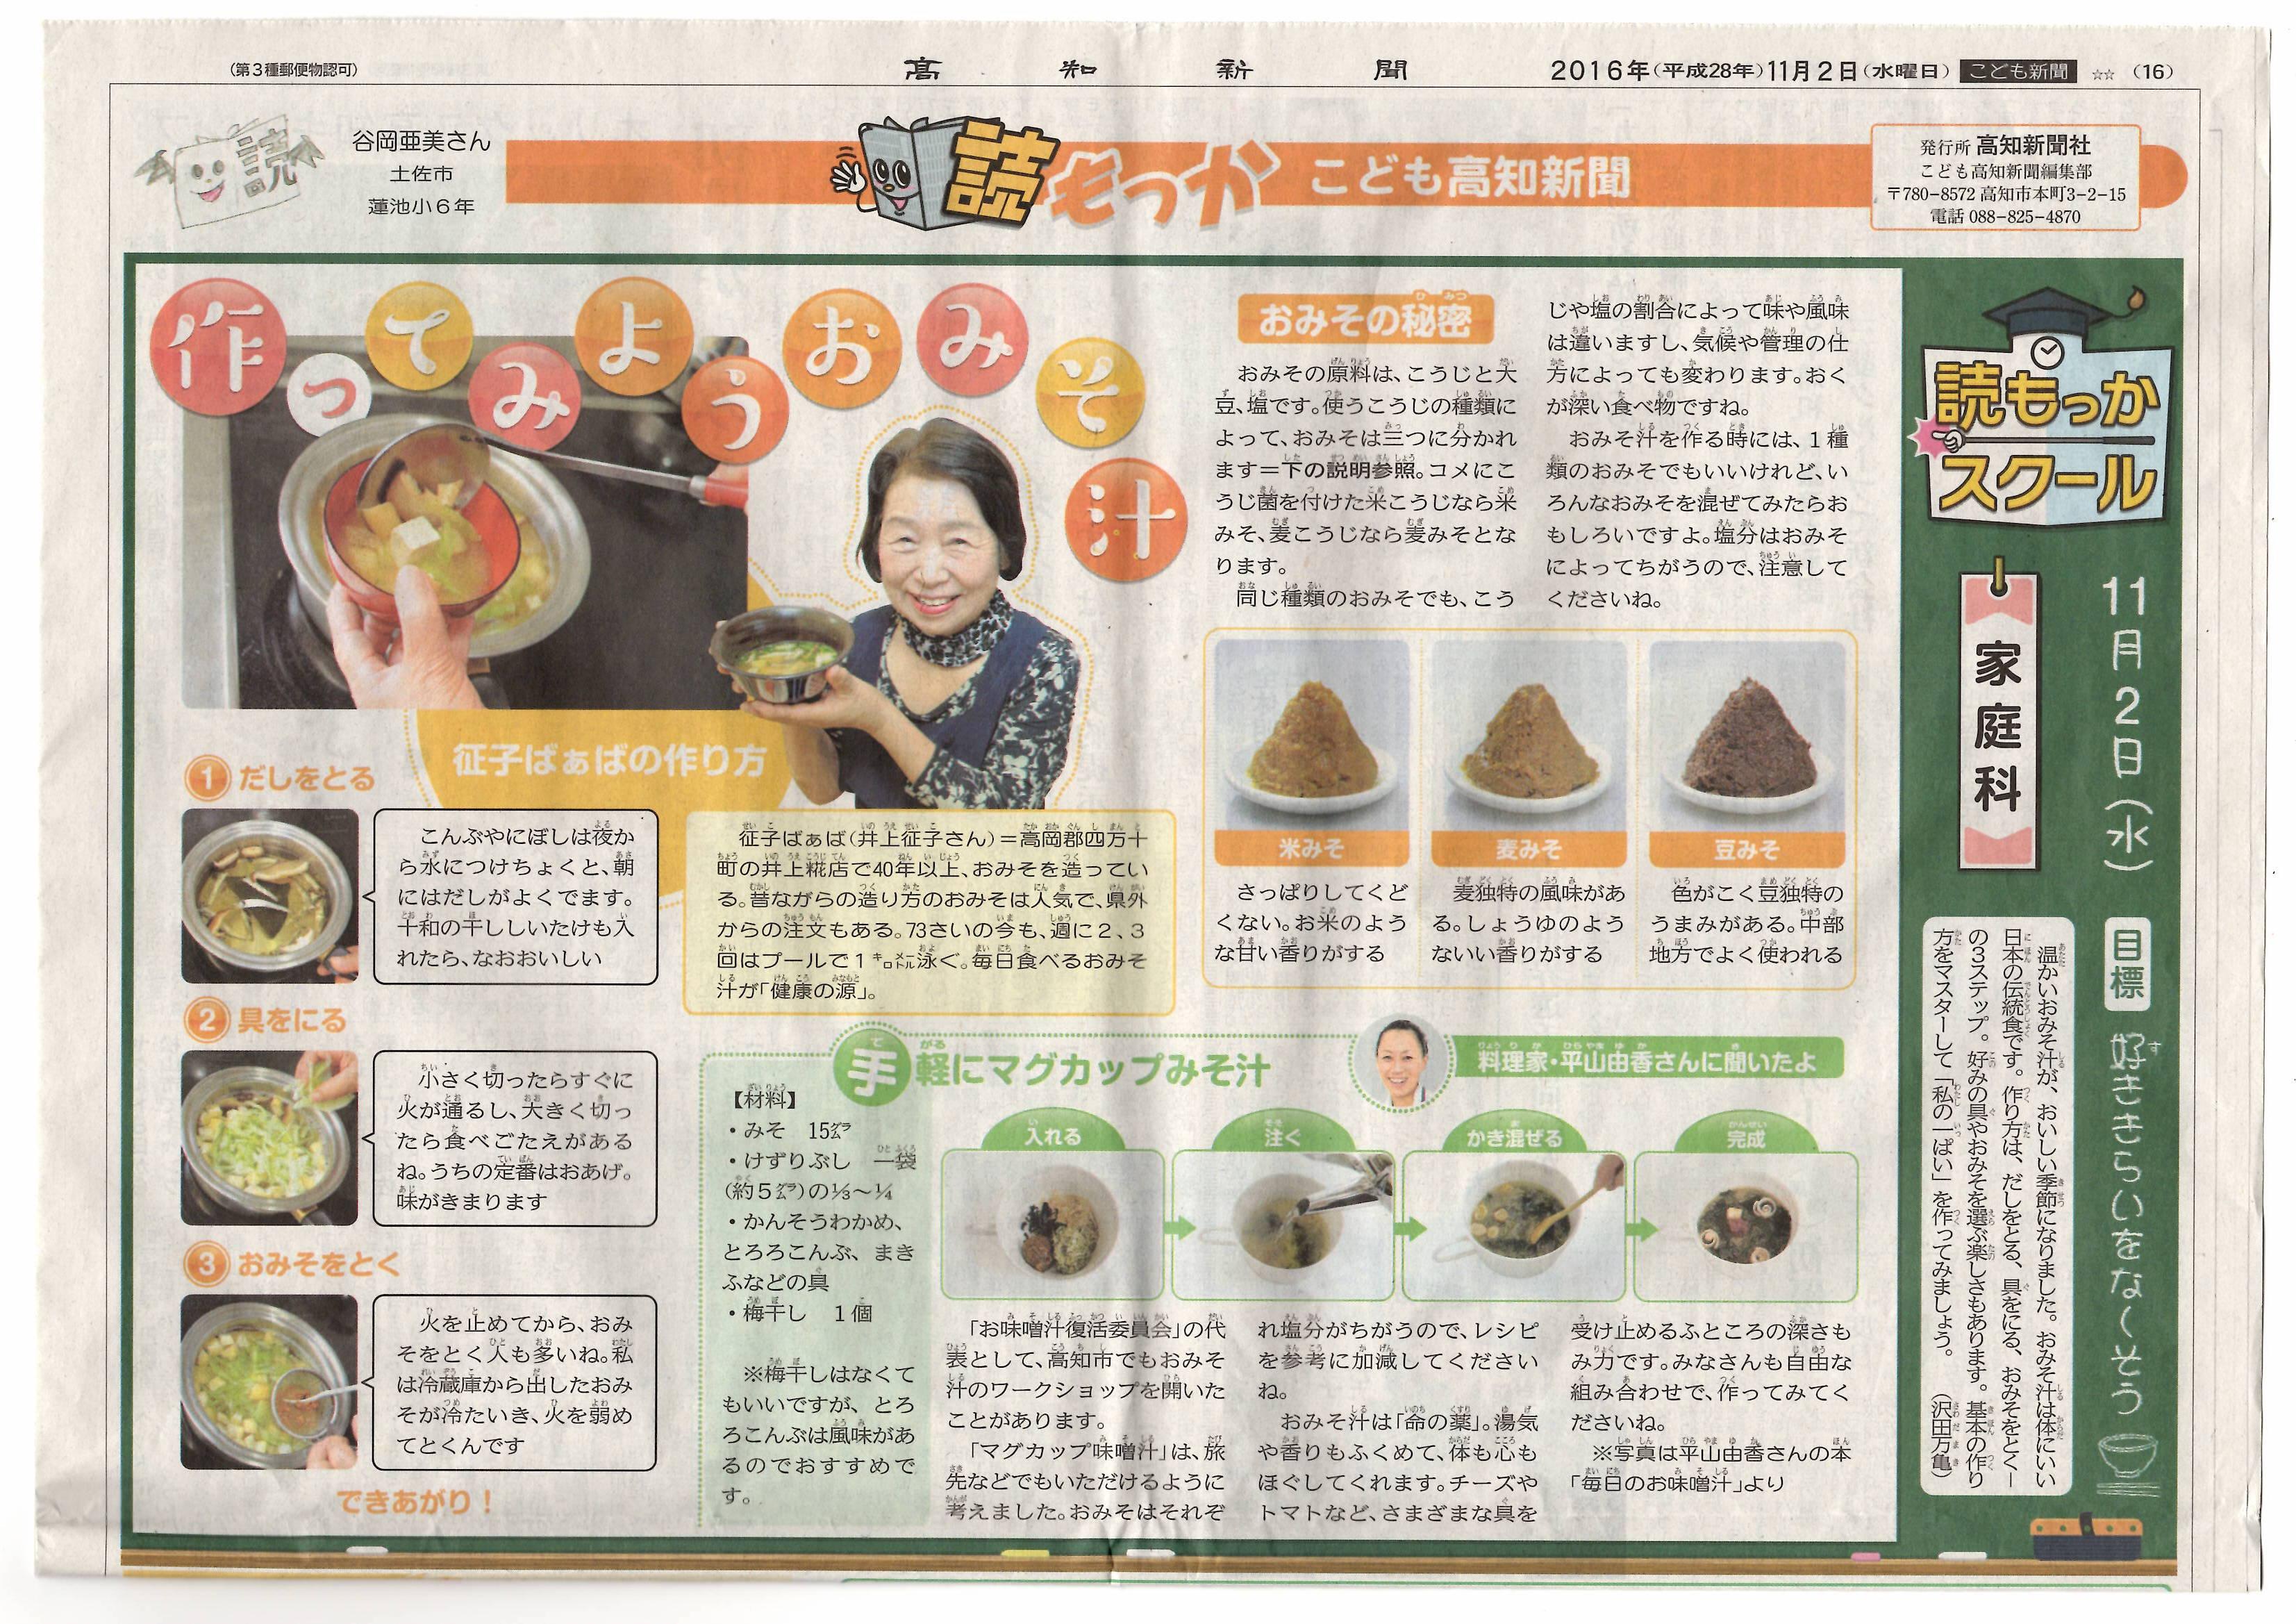 「高知新聞」読もっか こども高知新聞にてご紹介いただきました。